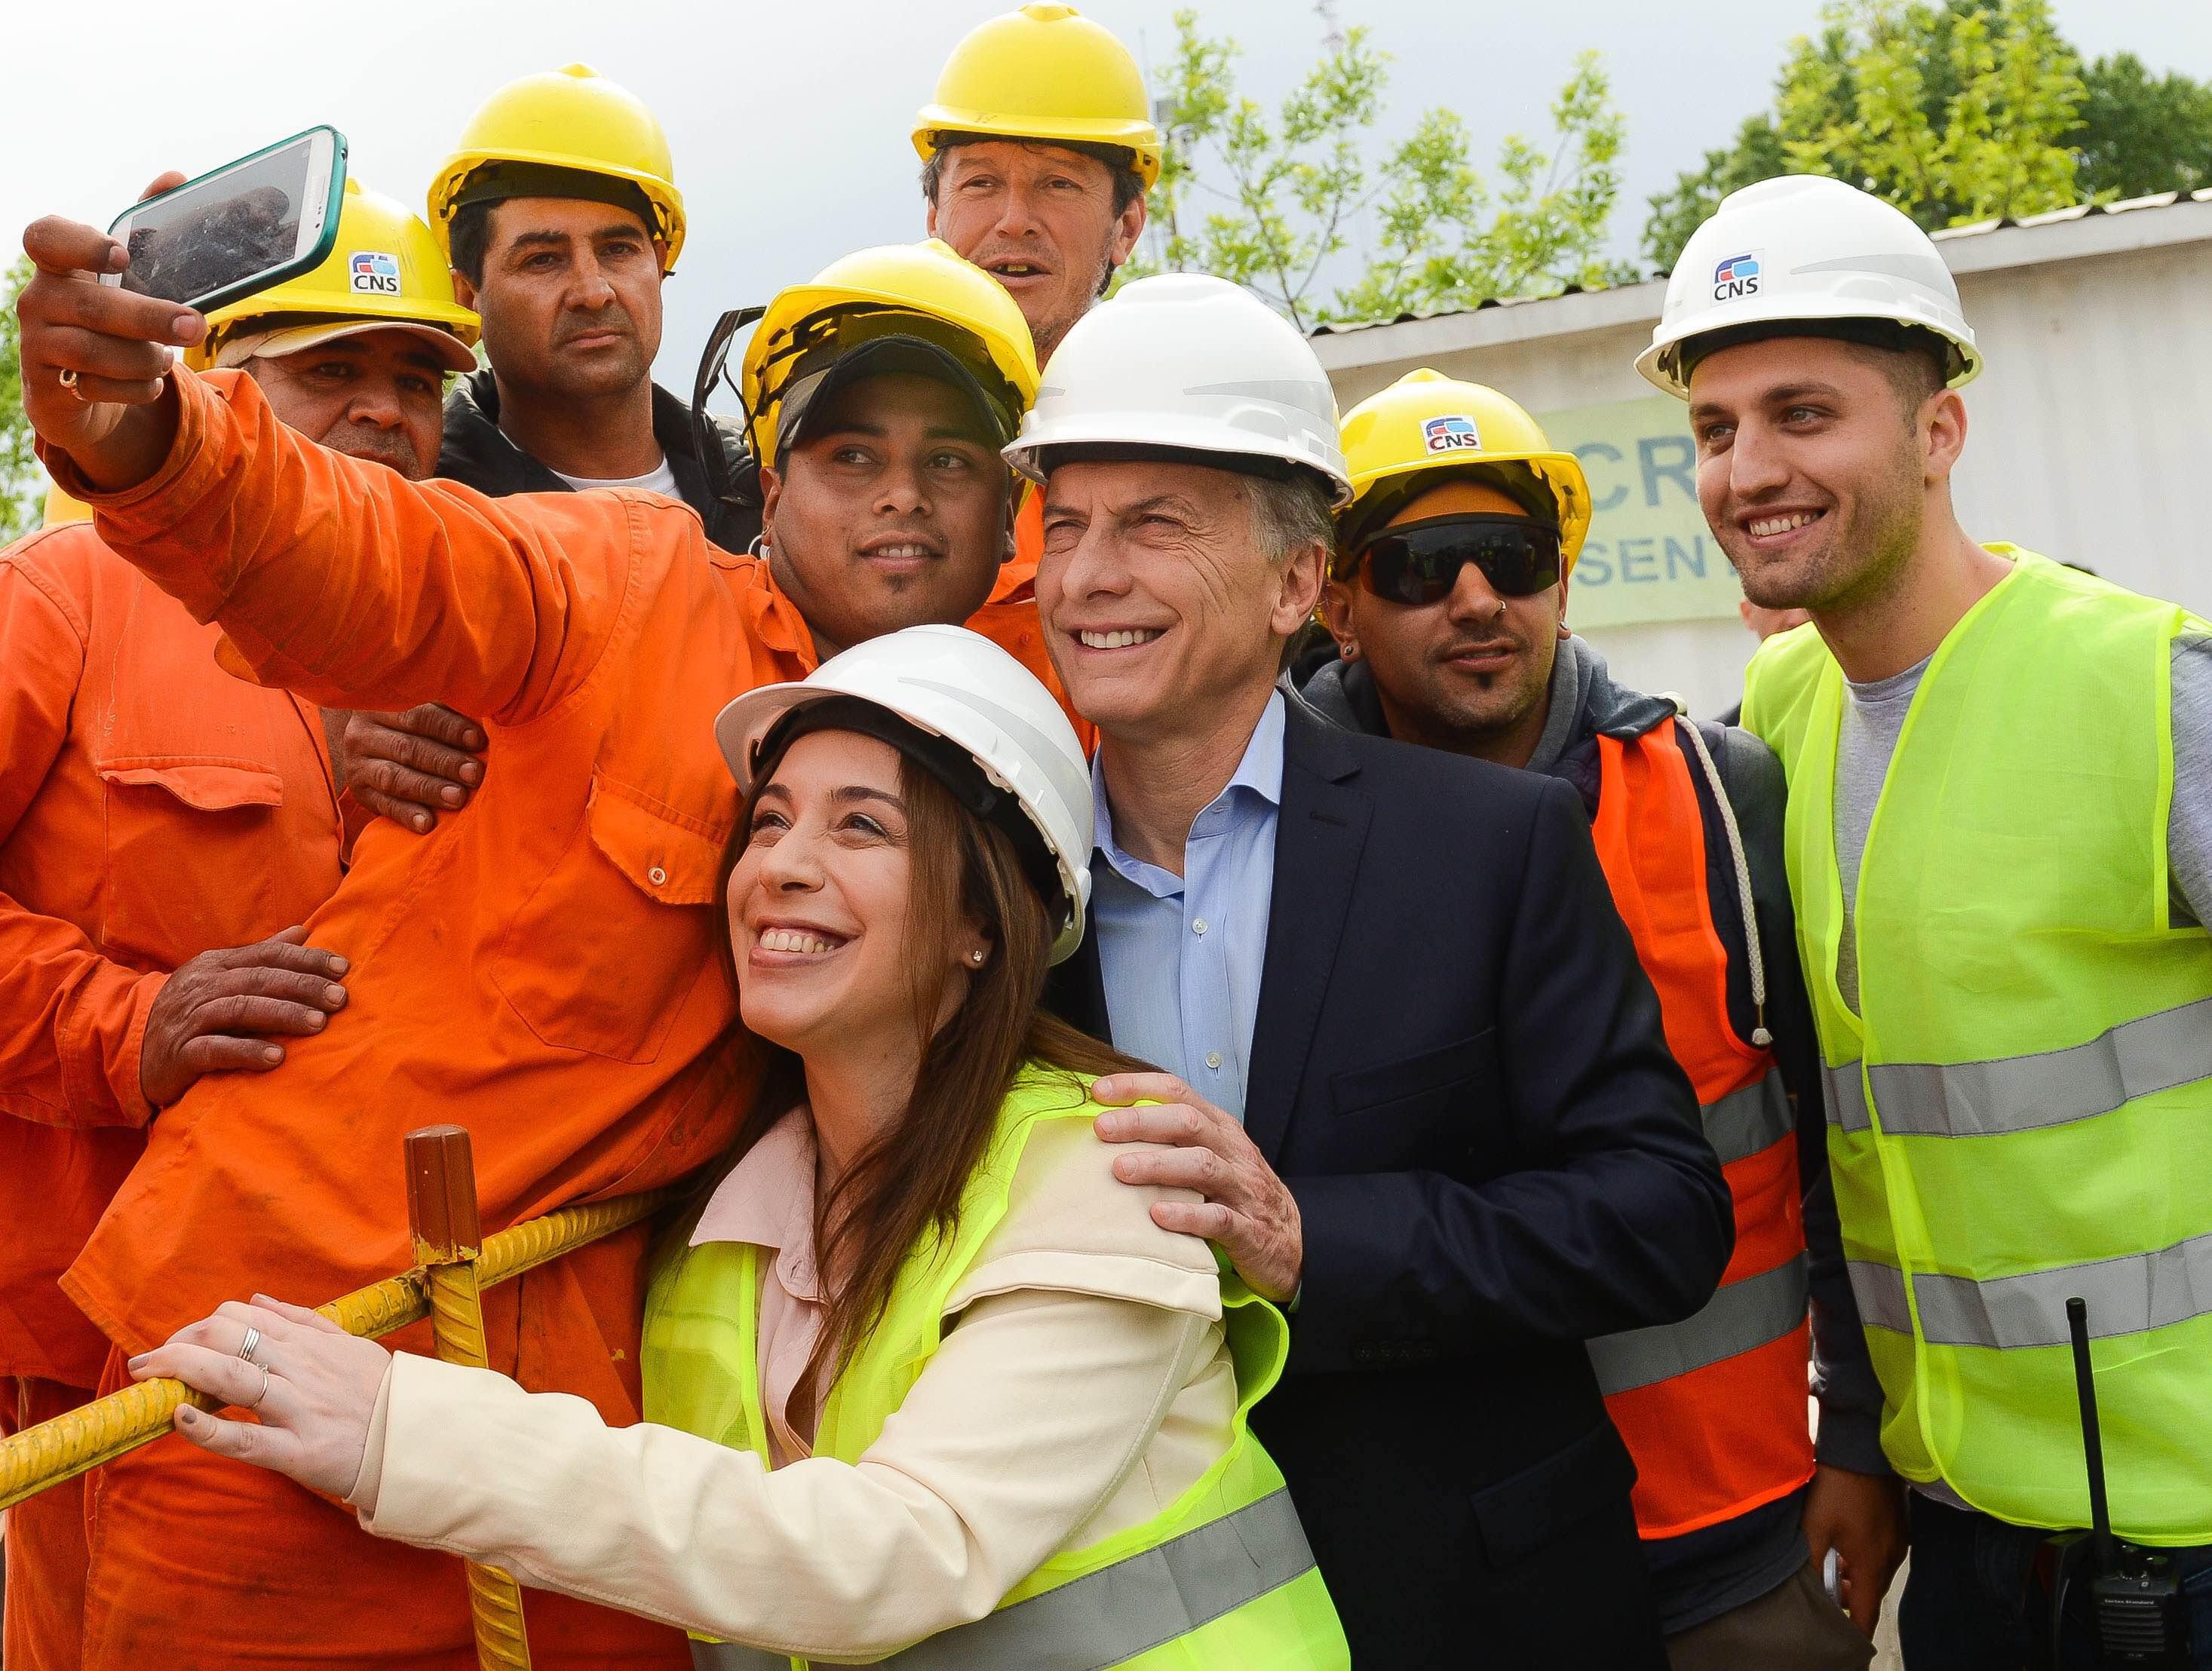 La Gobernadora Vidal y el Presidente Macri invoucrados en la corrupciòn de Odebrecht.